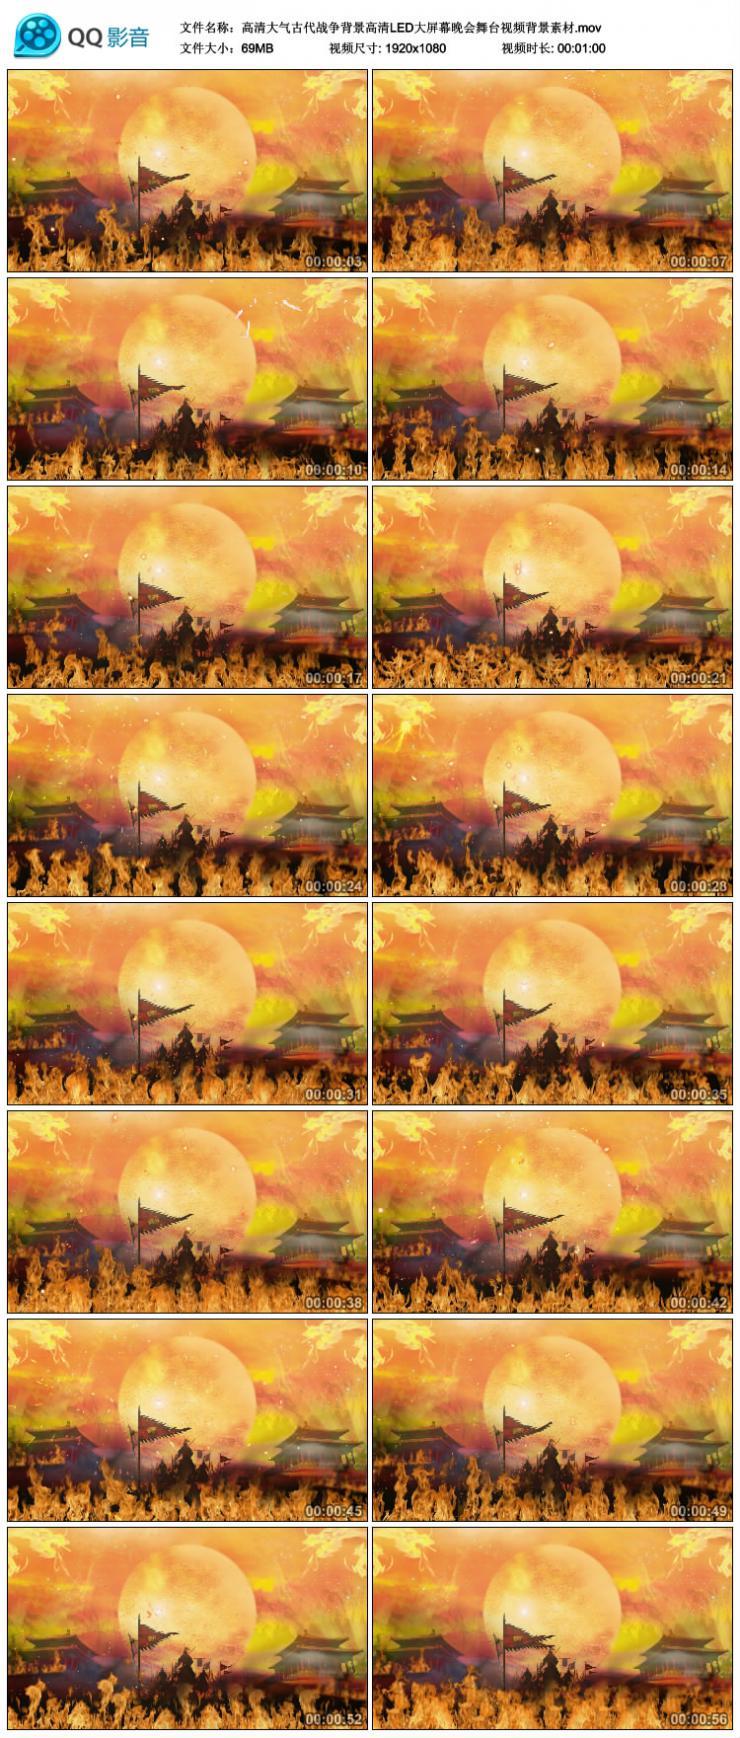 高清大气古代战争背景高清LED大屏幕晚会舞台视频背景素材